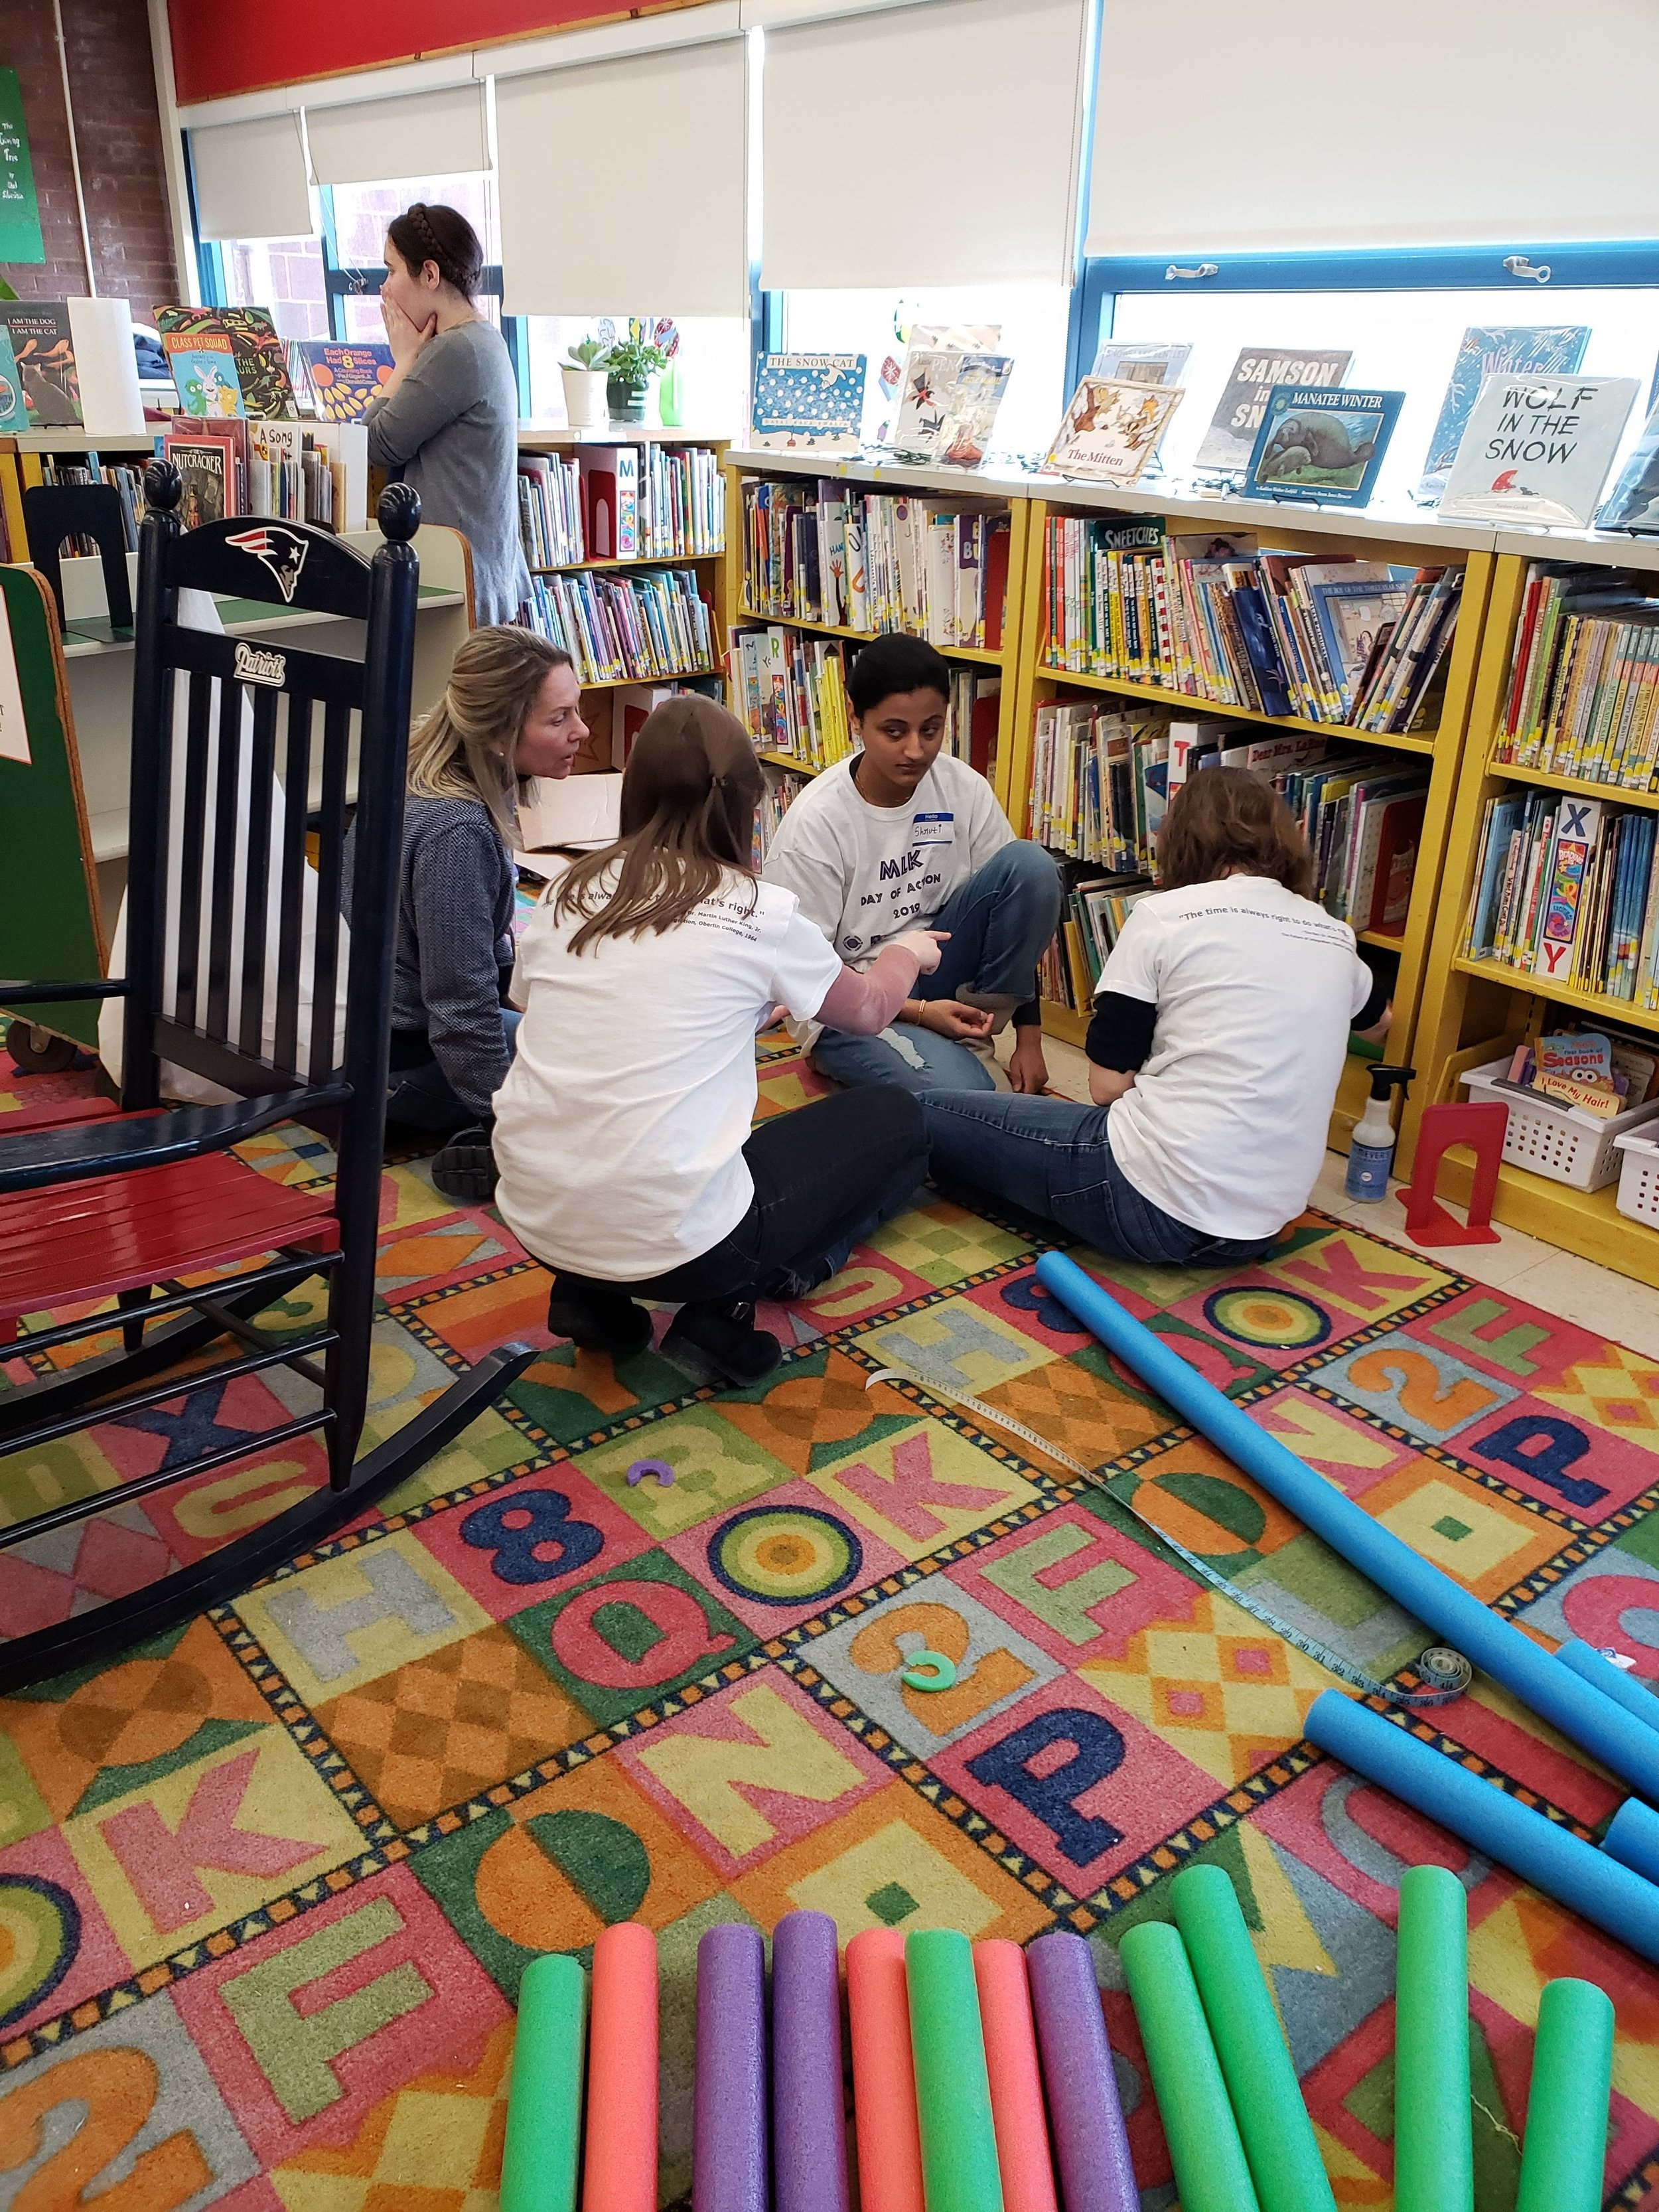 Volunteers improve shelving in Blackstone Library